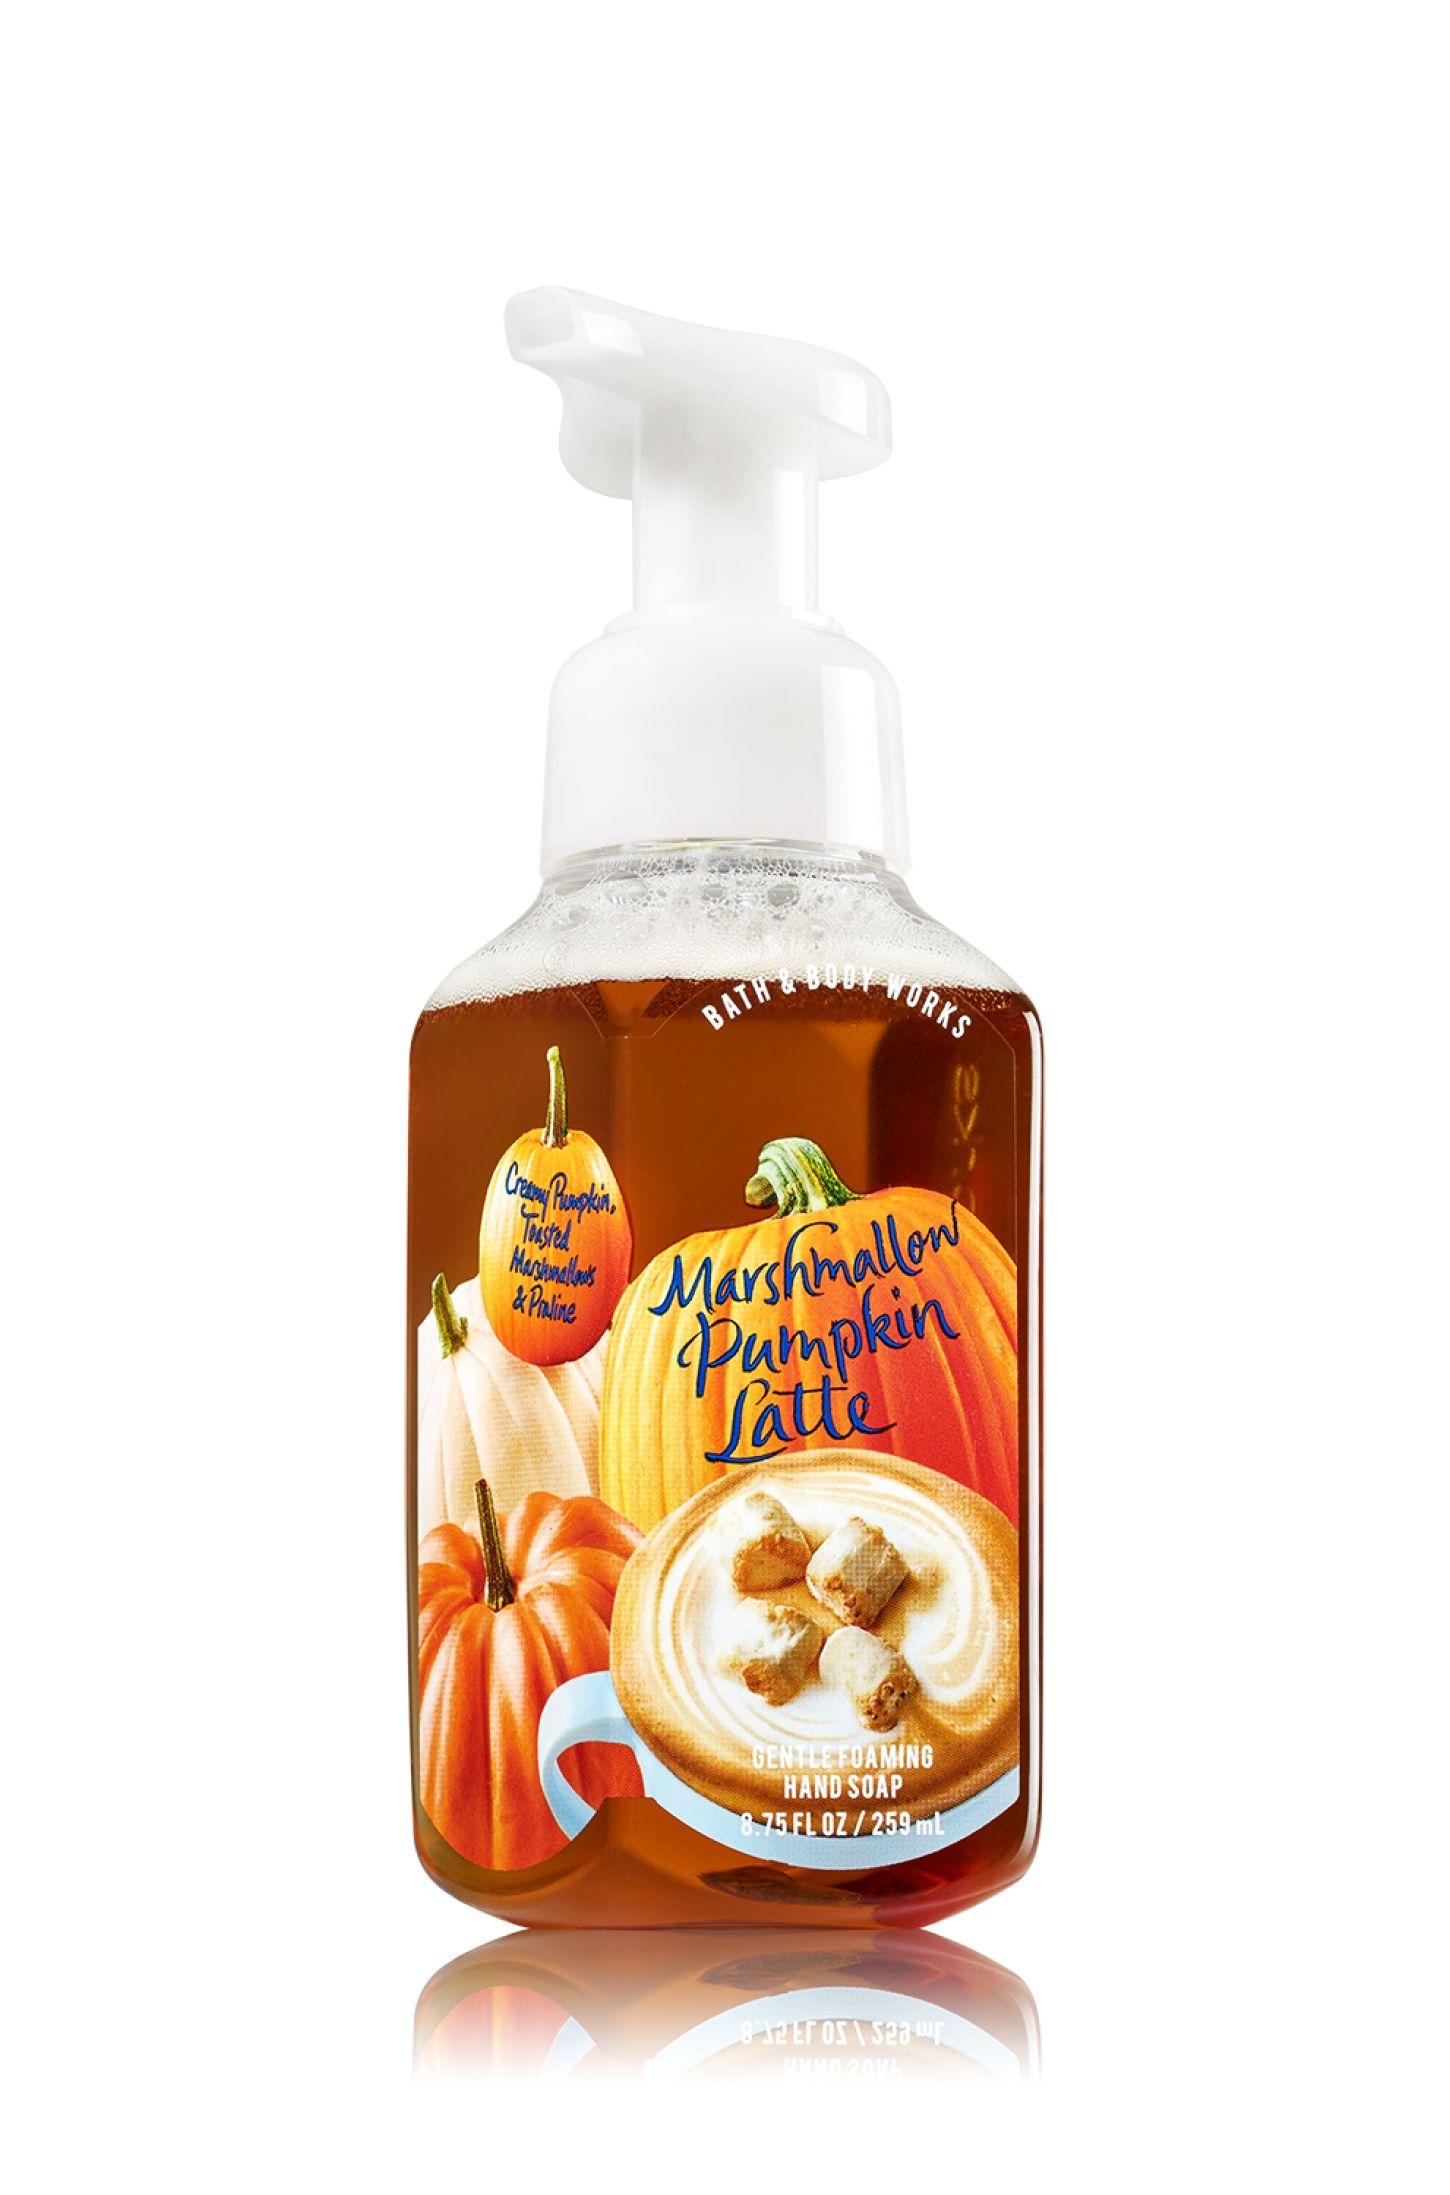 Marshmallow Pumpkin Latte Gentle Foaming Hand Soap Soap